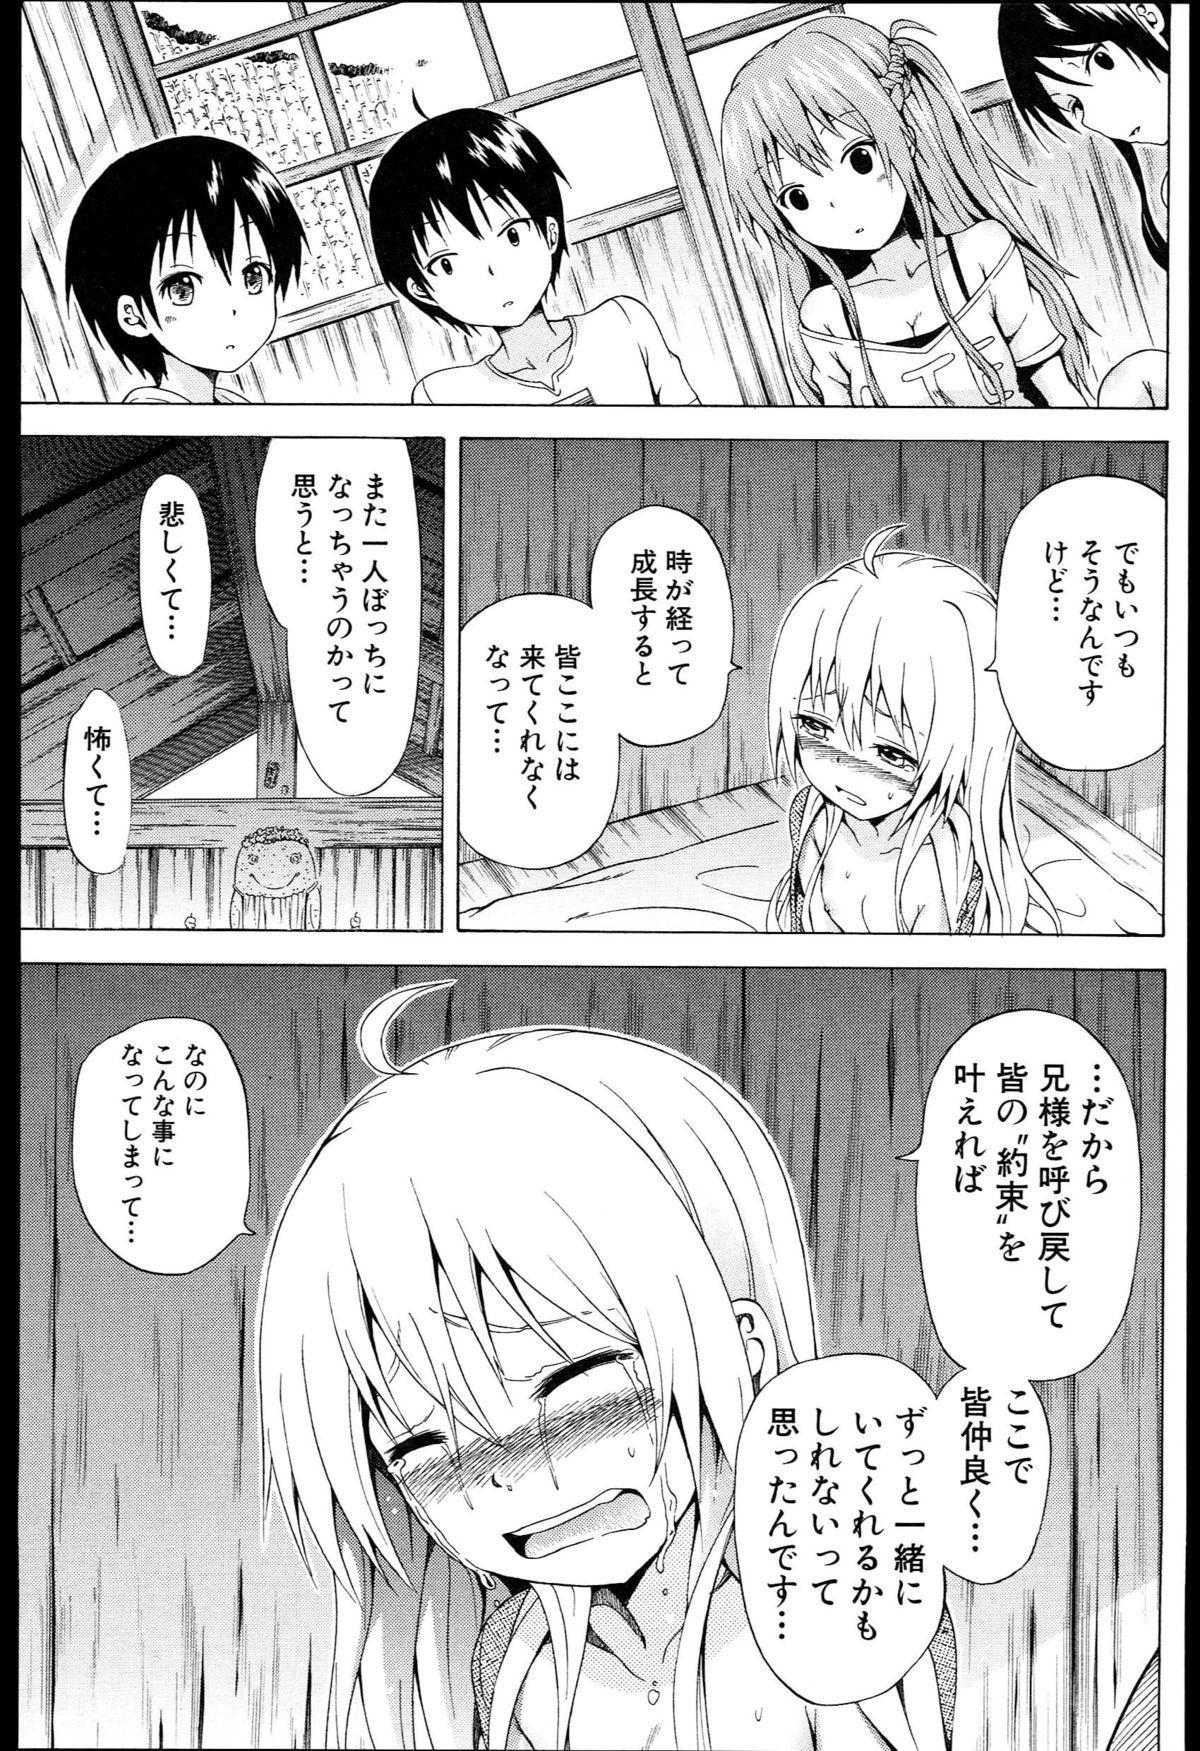 Natsumitsu x Harem + Melonbooks Gentei Shousasshi 173